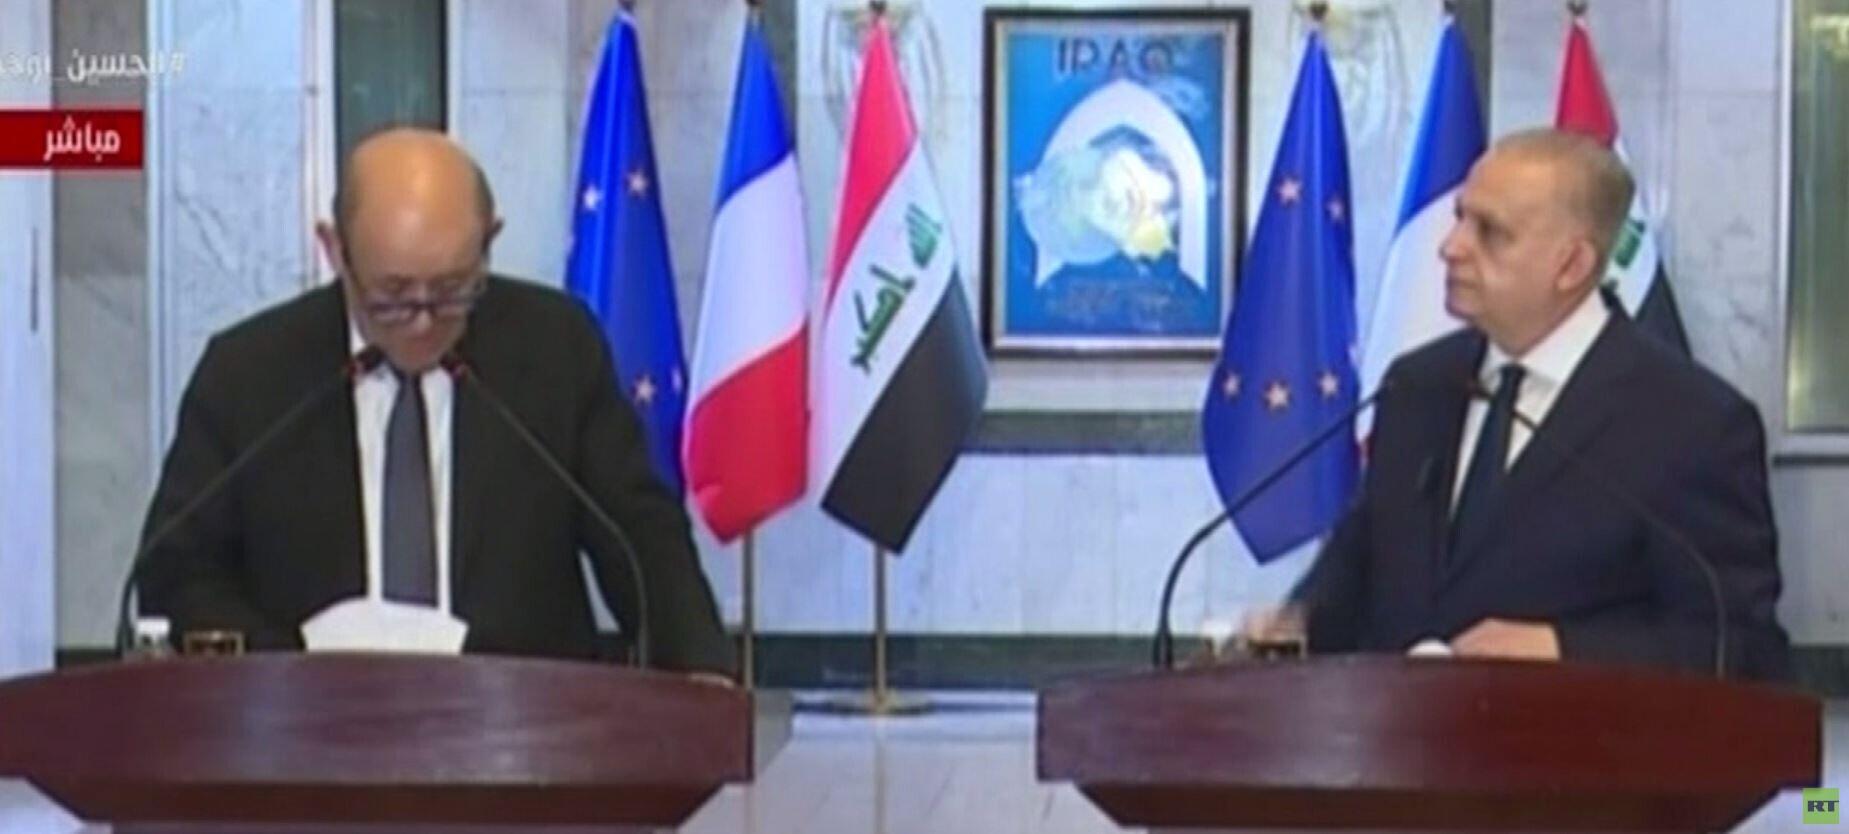 لودريان من بغداد: التحالف الدولي عازم على عدم ظهور